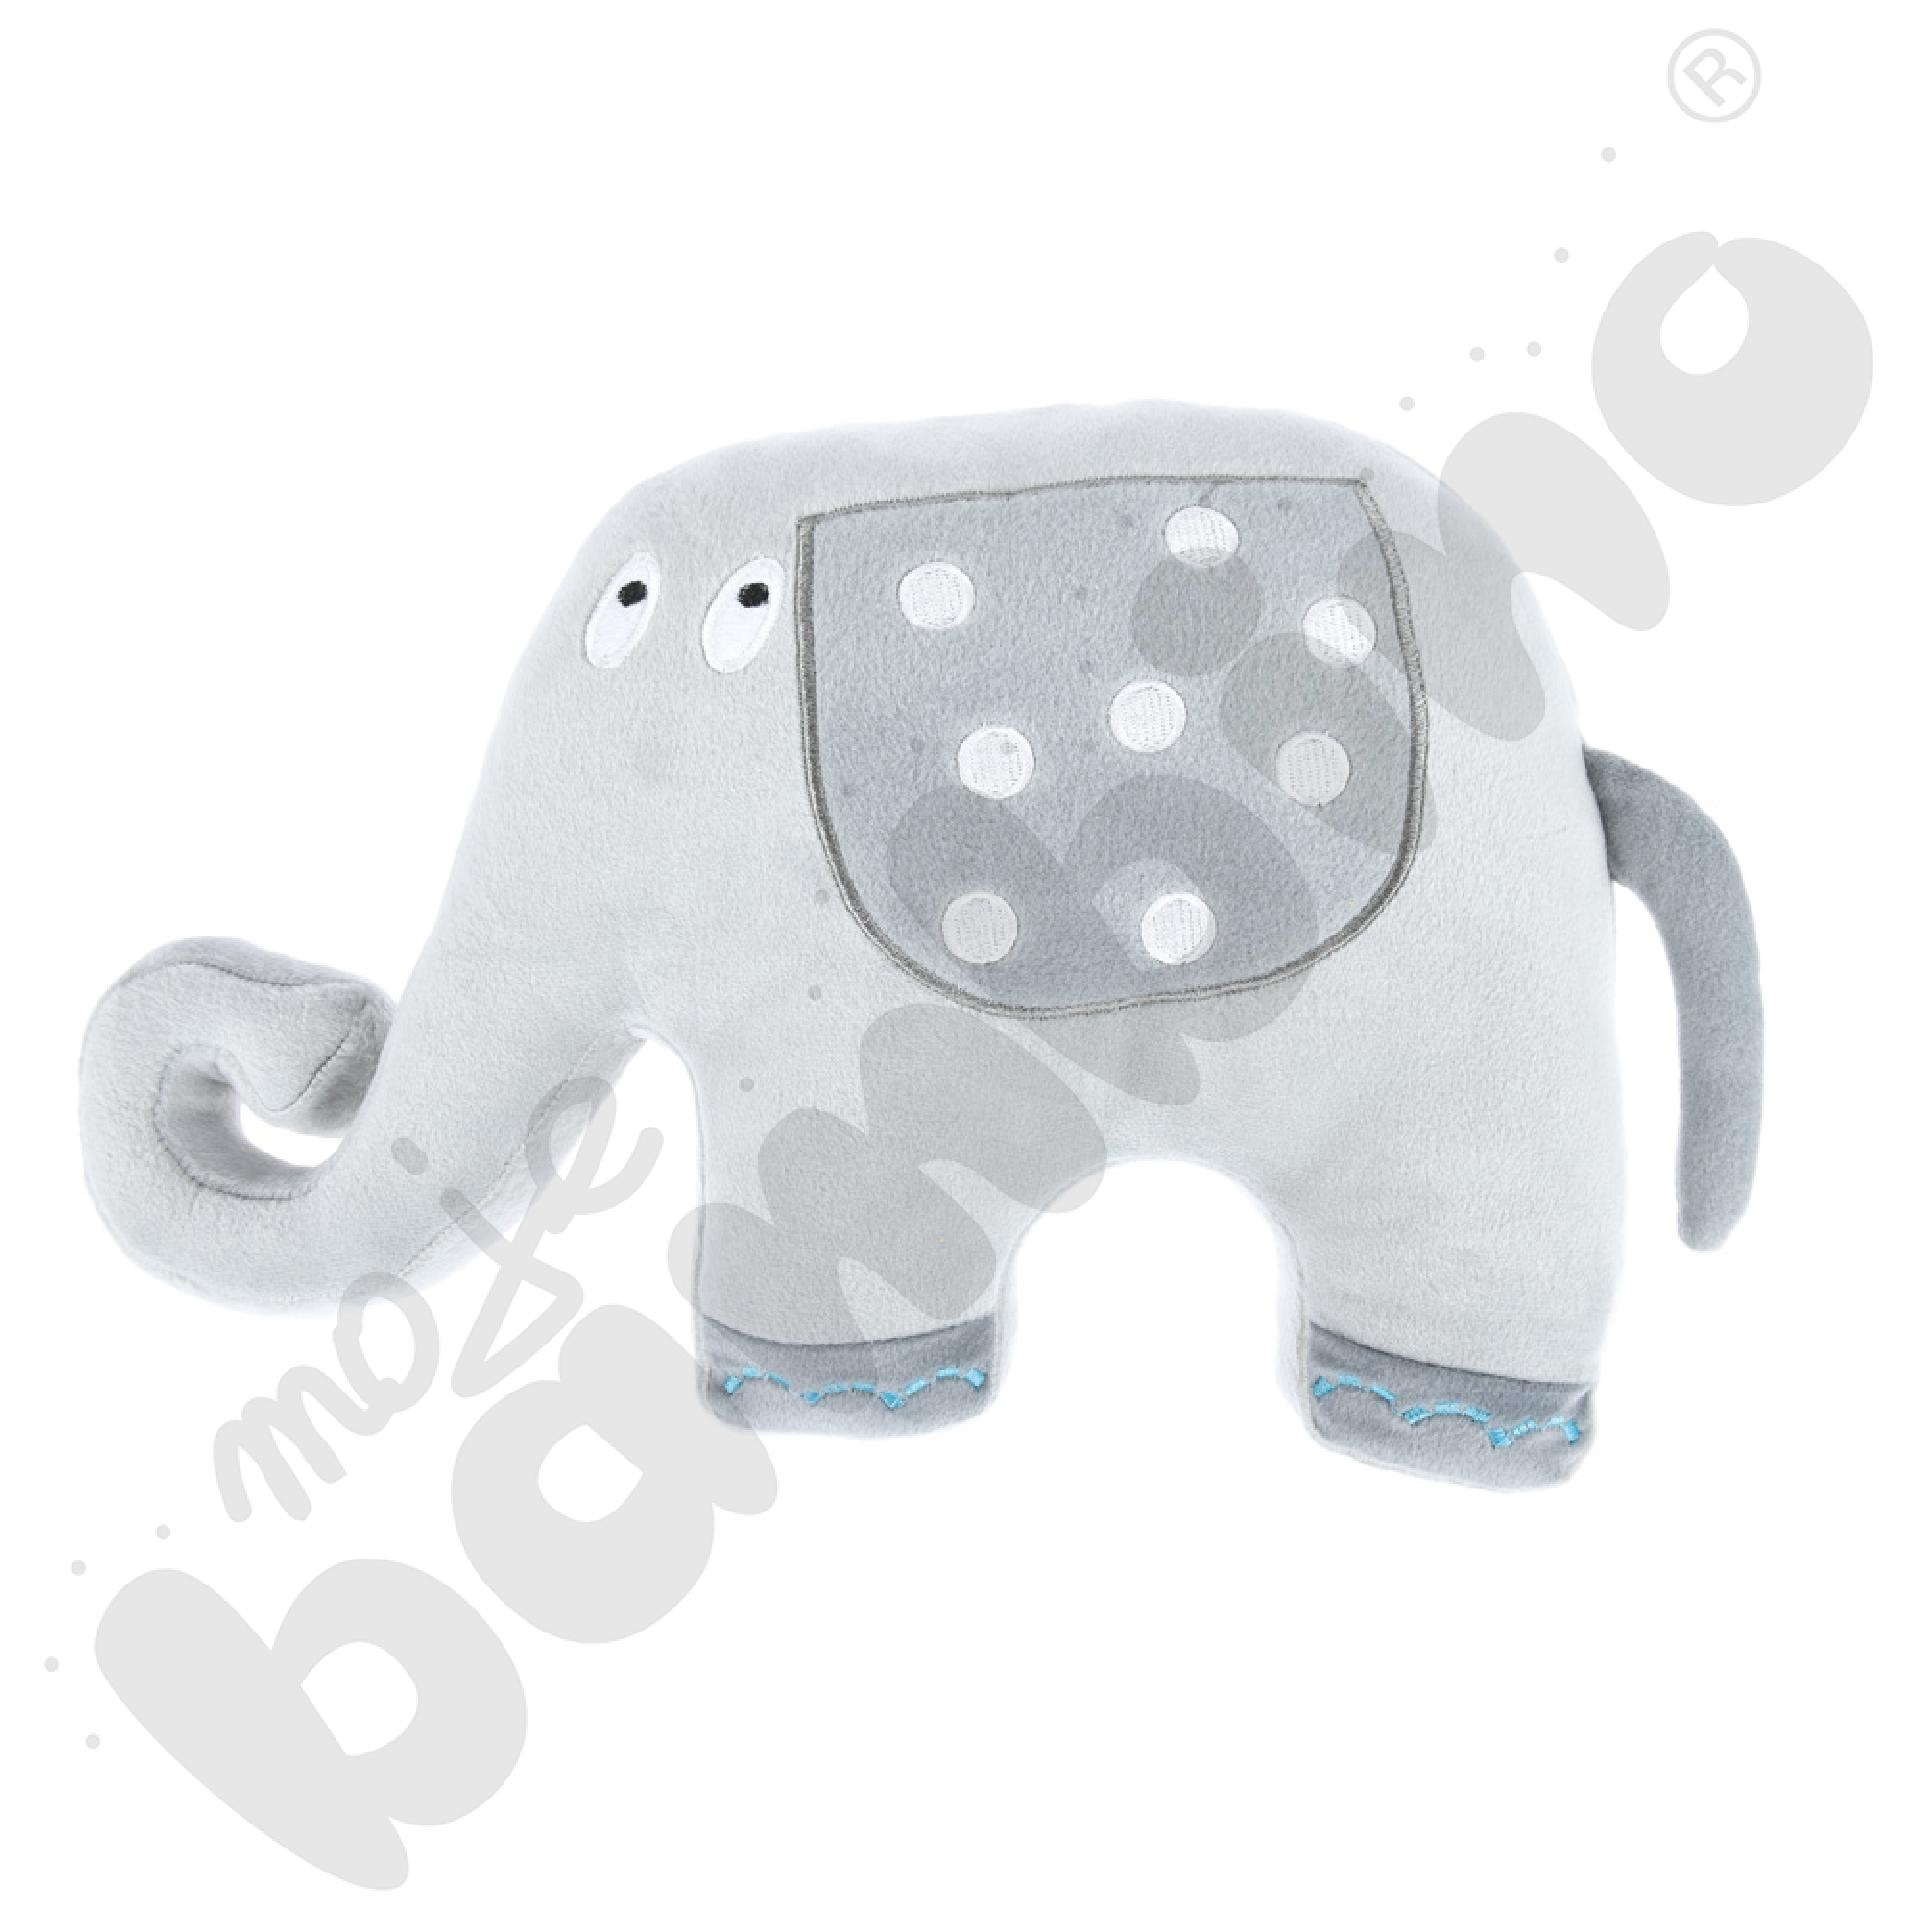 Poduszka FLAT słoń - szaryaaa